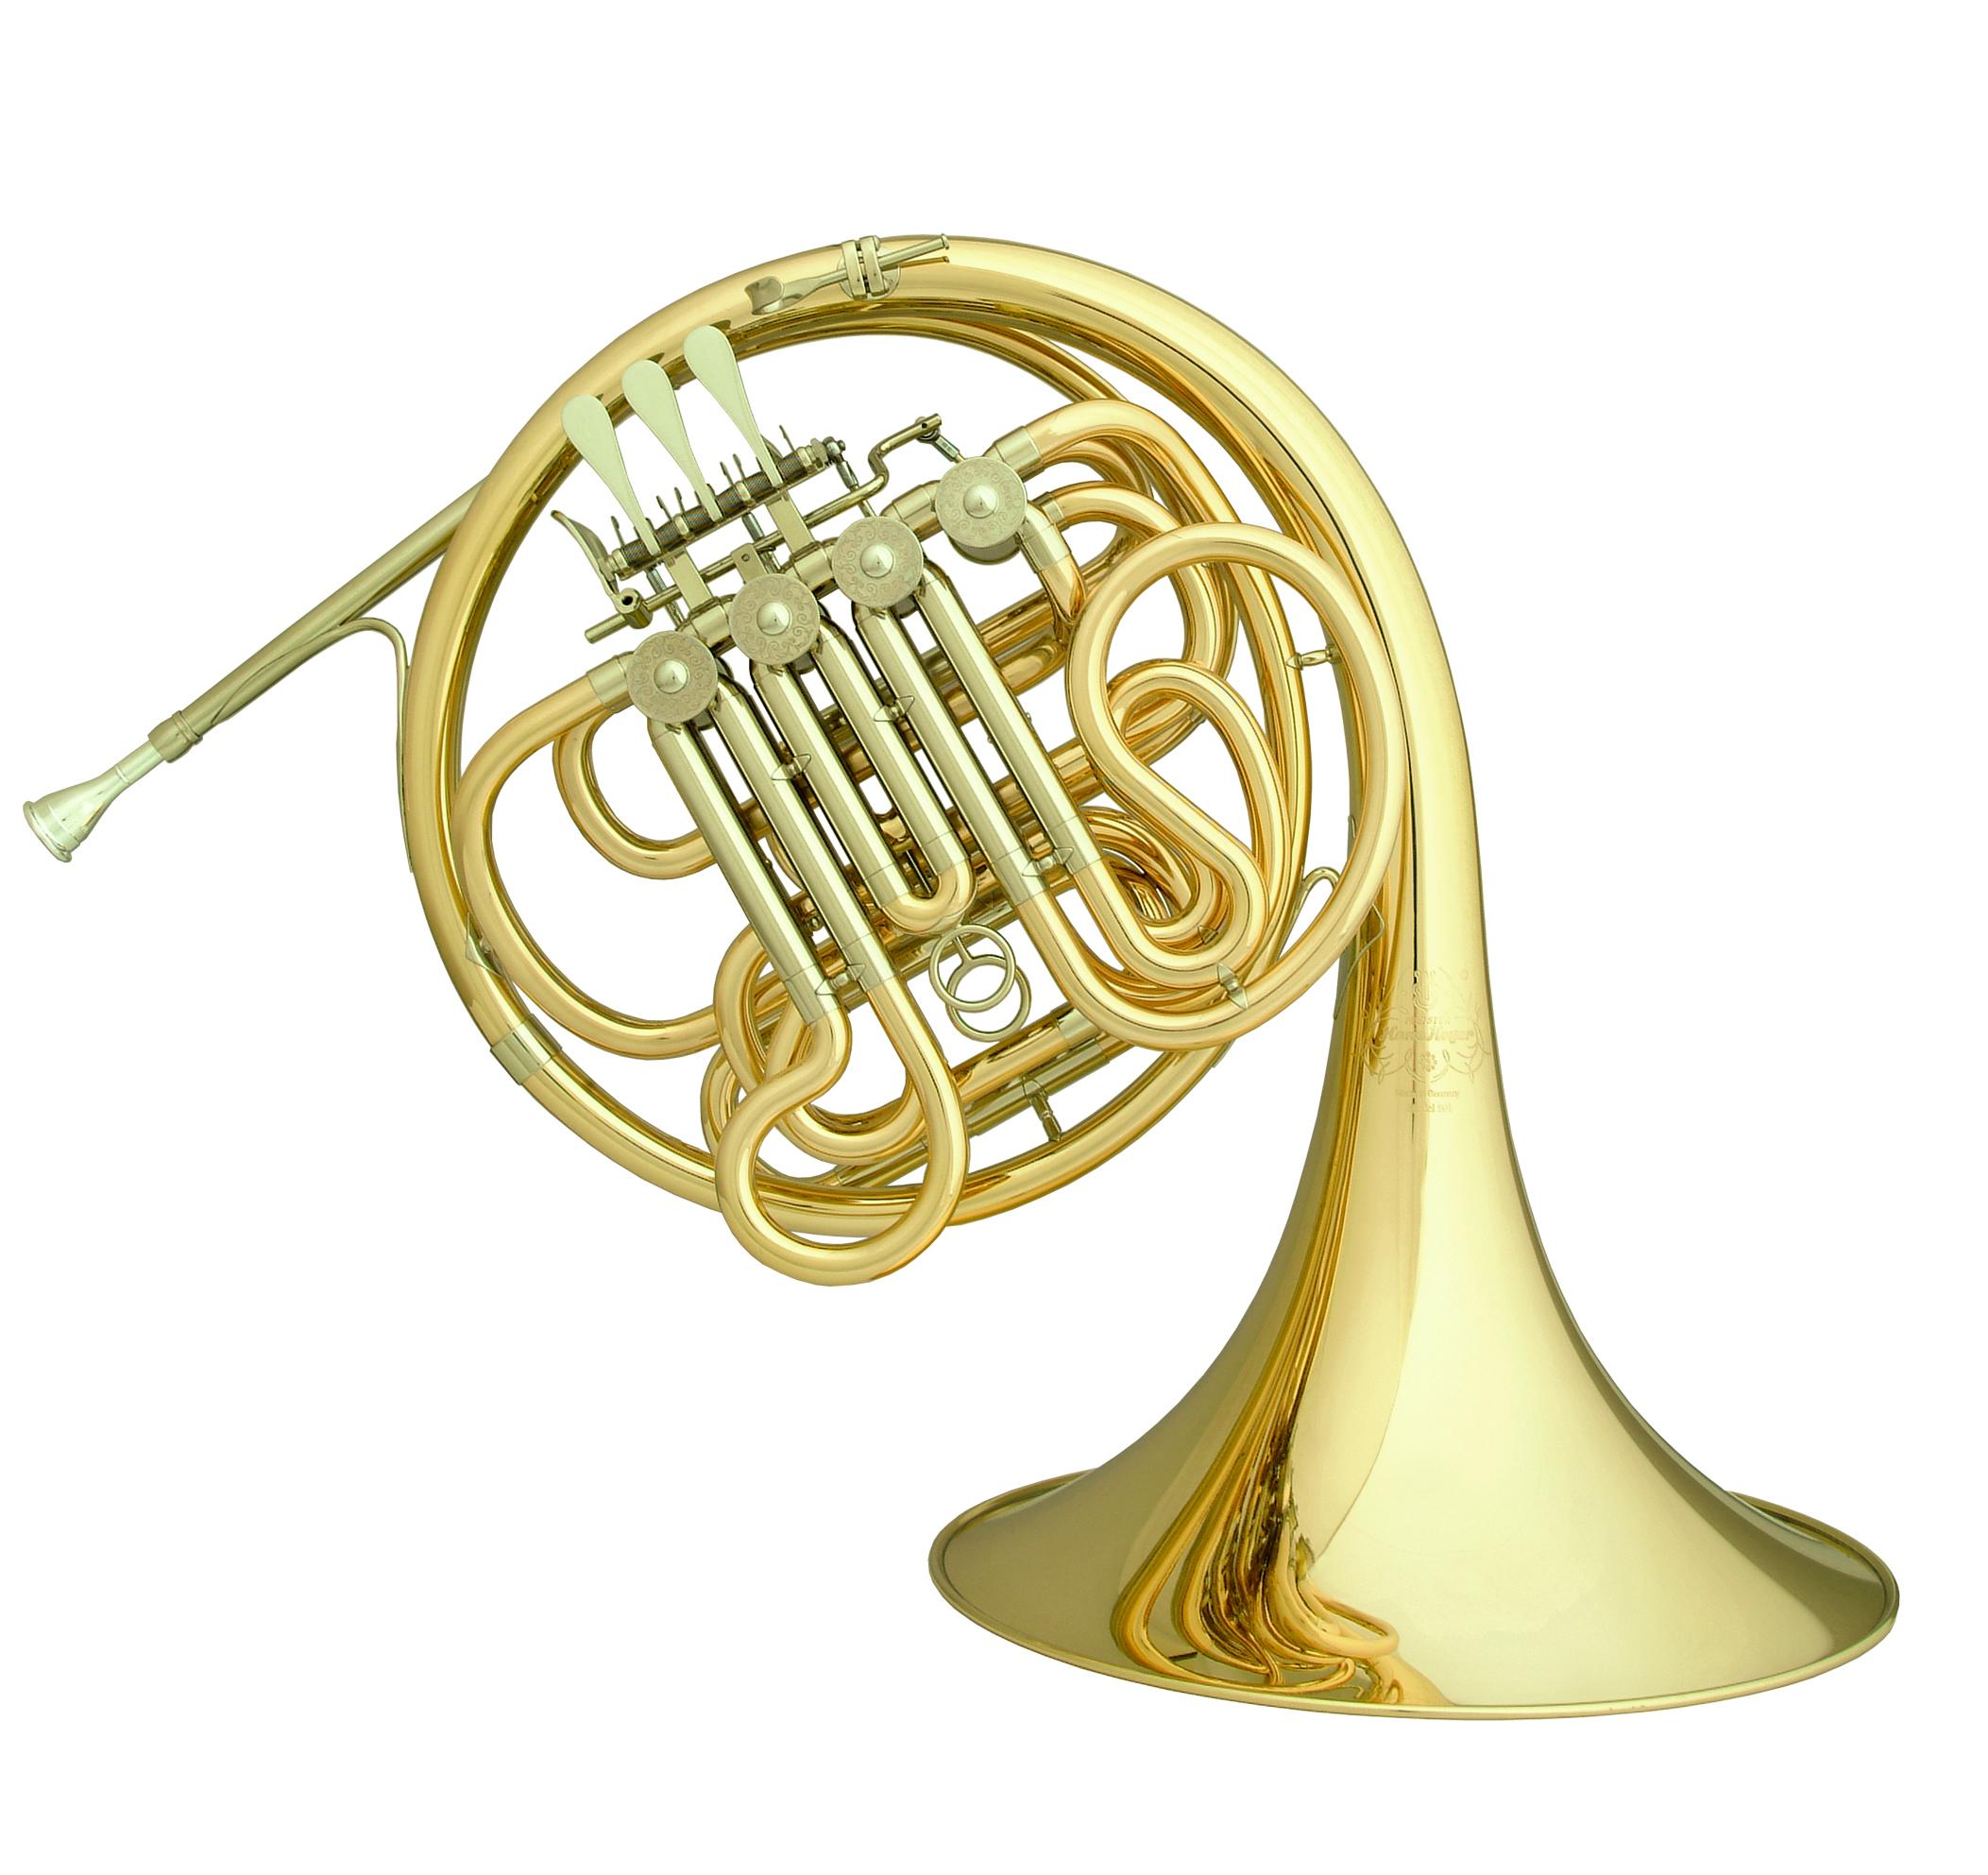 Hoyer - HH - 801 - 1 - 0 - Blechblasinstrumente - Hörner | MUSIK BERTRAM Deutschland Freiburg